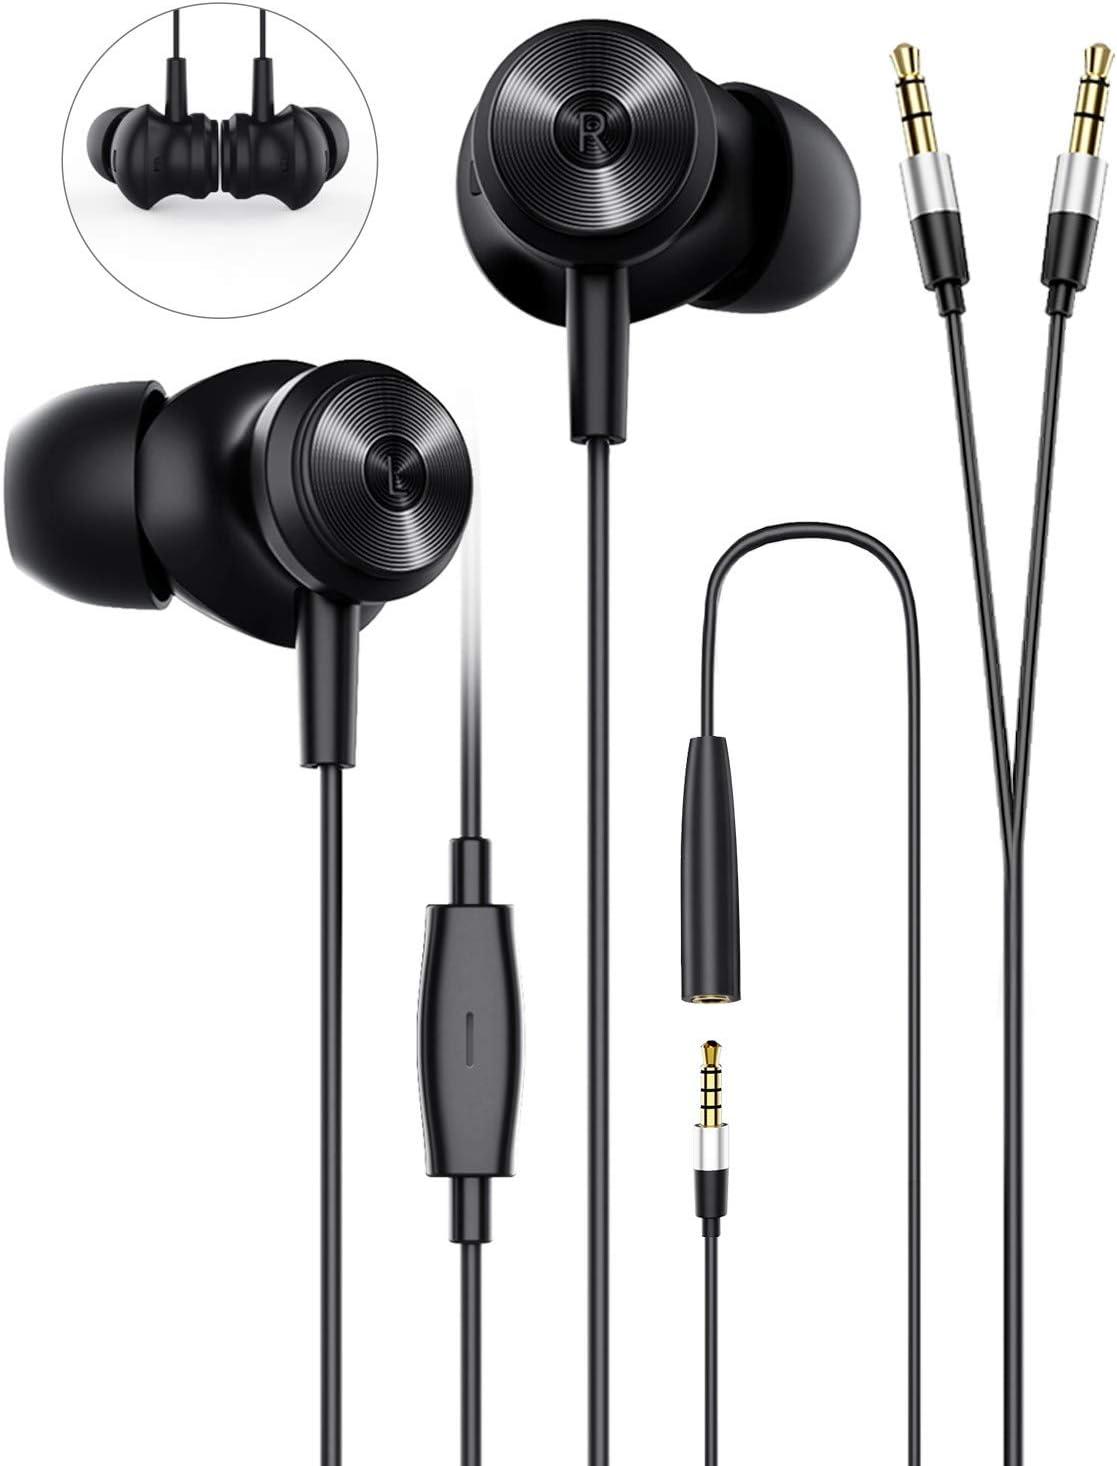 Wired Earphones Earbud Headphones with Microphone, Bluedio Li Wired Earphones in-Ear Earbuds Headphones with Extended 3.5mm Y-Splitter for PC, Laptops, Gaming, Online Meetings